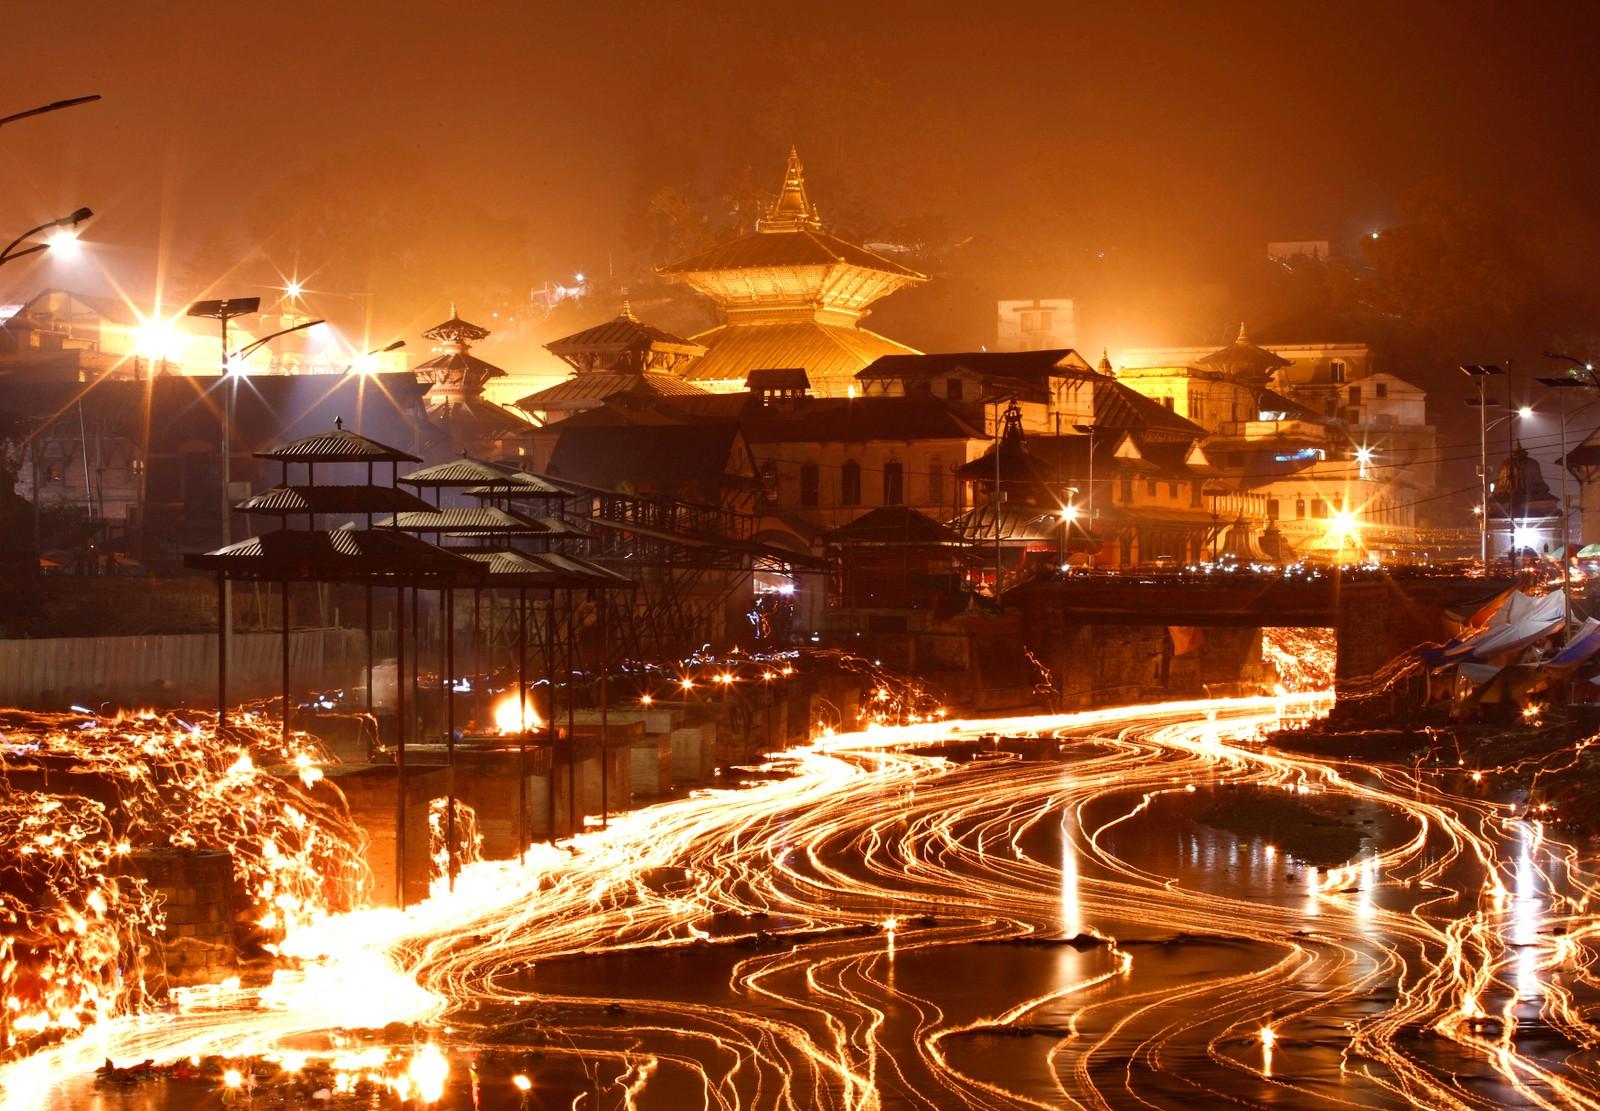 Oljelamper lyste opp elven Bagmati ved tempelet Pashupatinath under Bala Chaturdashi-festivalen i Katmandu i Nepal.